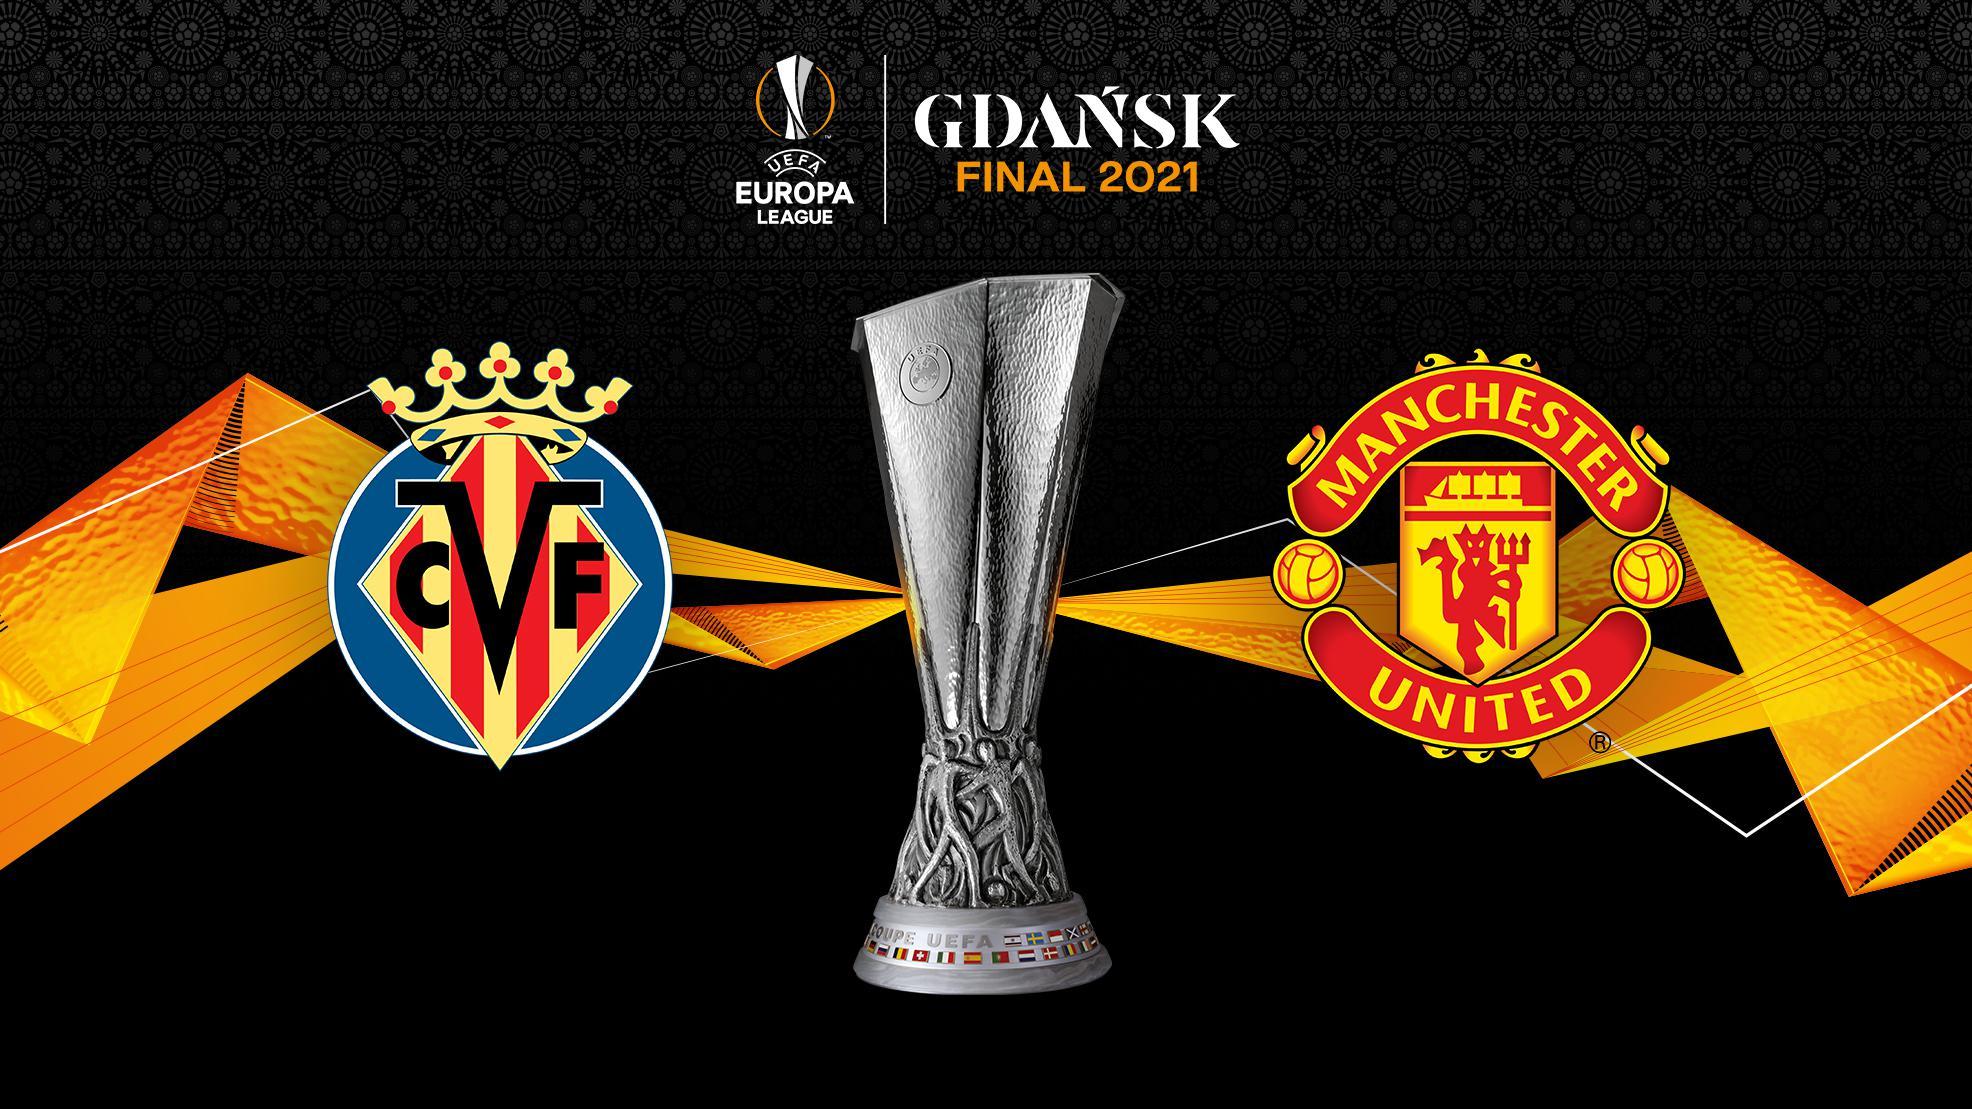 Premier League đã có thể có vòng đấu 40 tại châu Âu nếu Villarreal không hạ Arsenal để đá trận chung kết Europa League với Man United